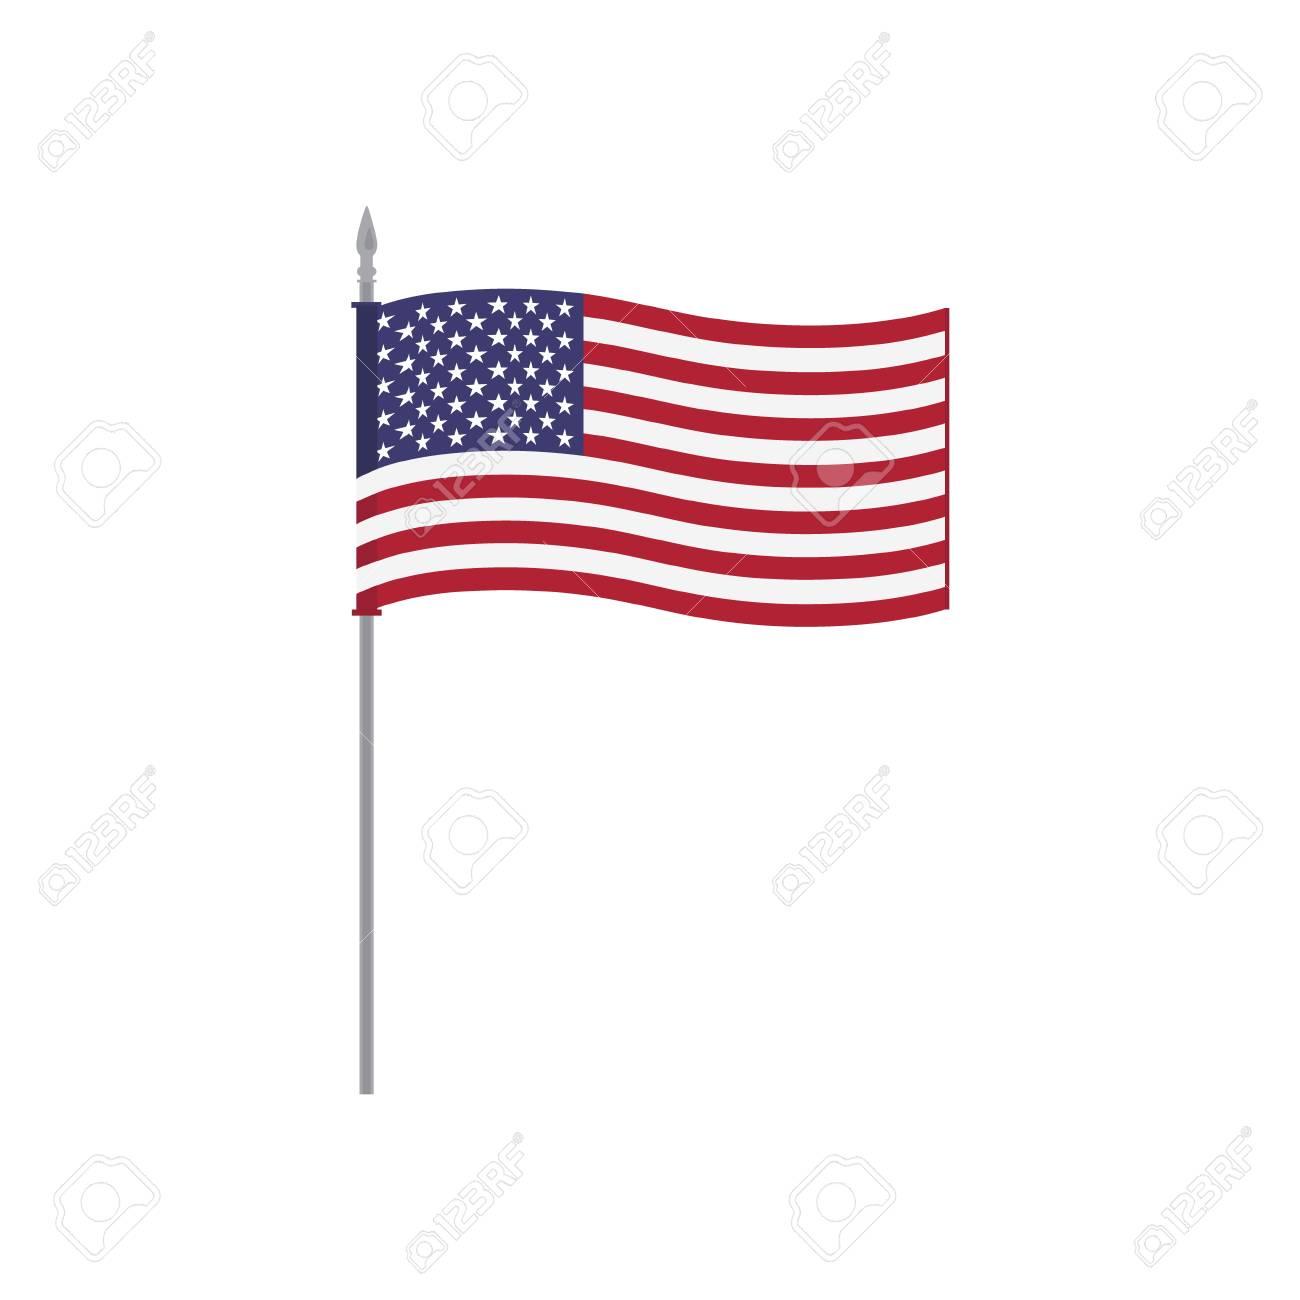 Nett Flagge Der Vereinigten Staaten Vorlage Bilder - Beispiel ...